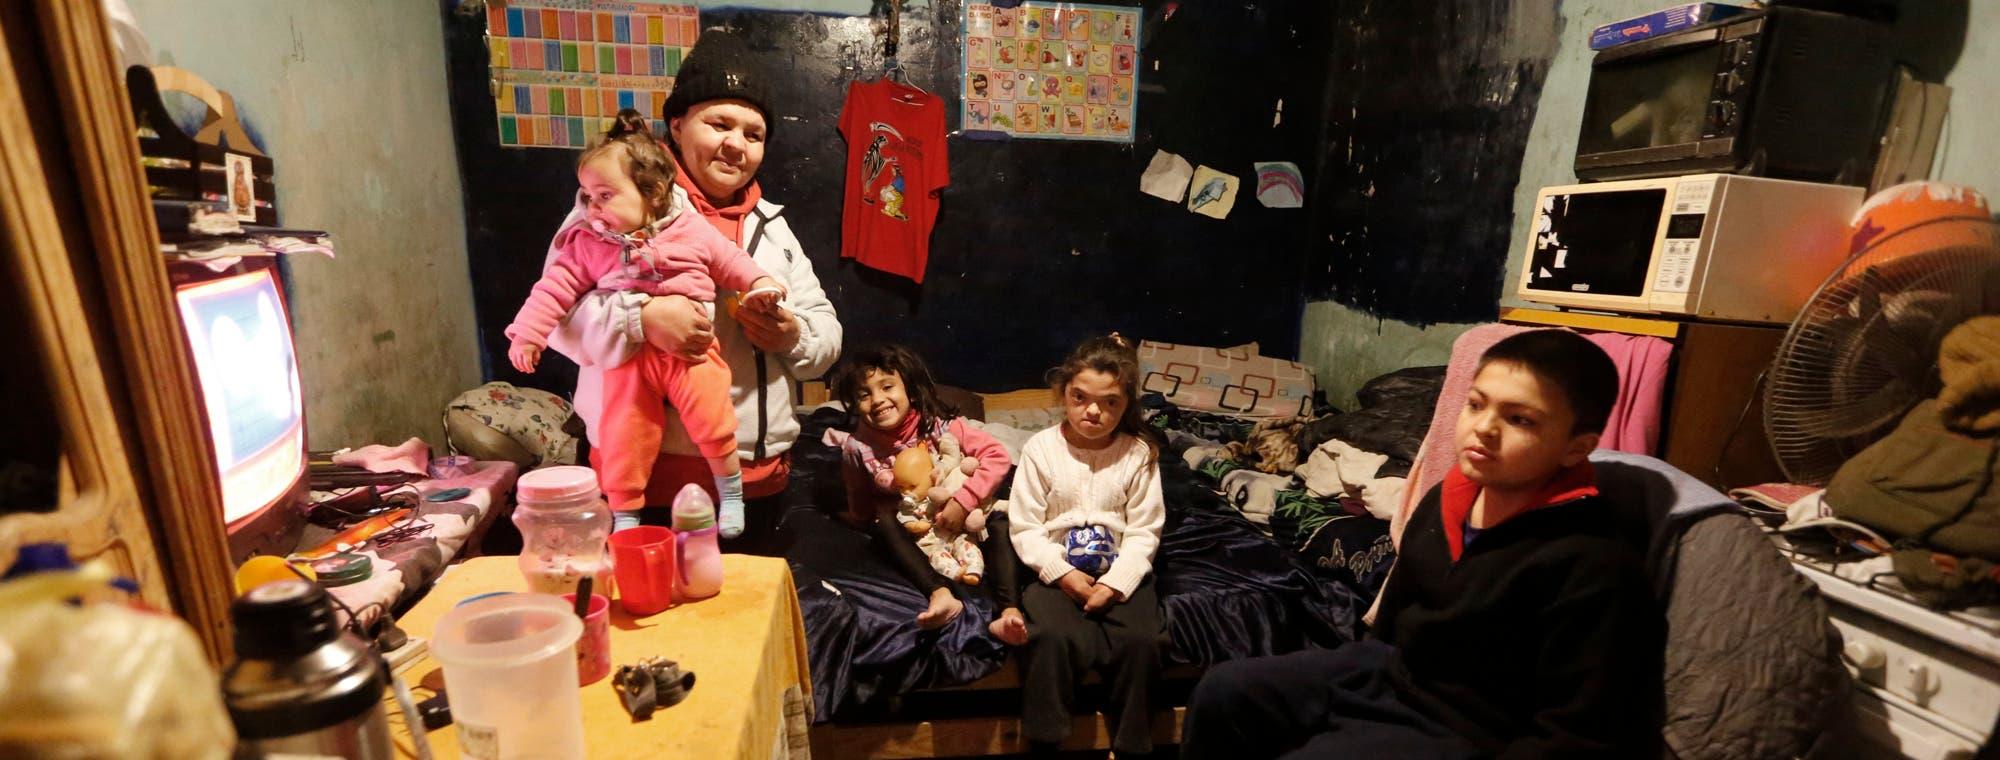 Infancia pobre: tres de cada 10 chicos viven hacinados y muchos ...